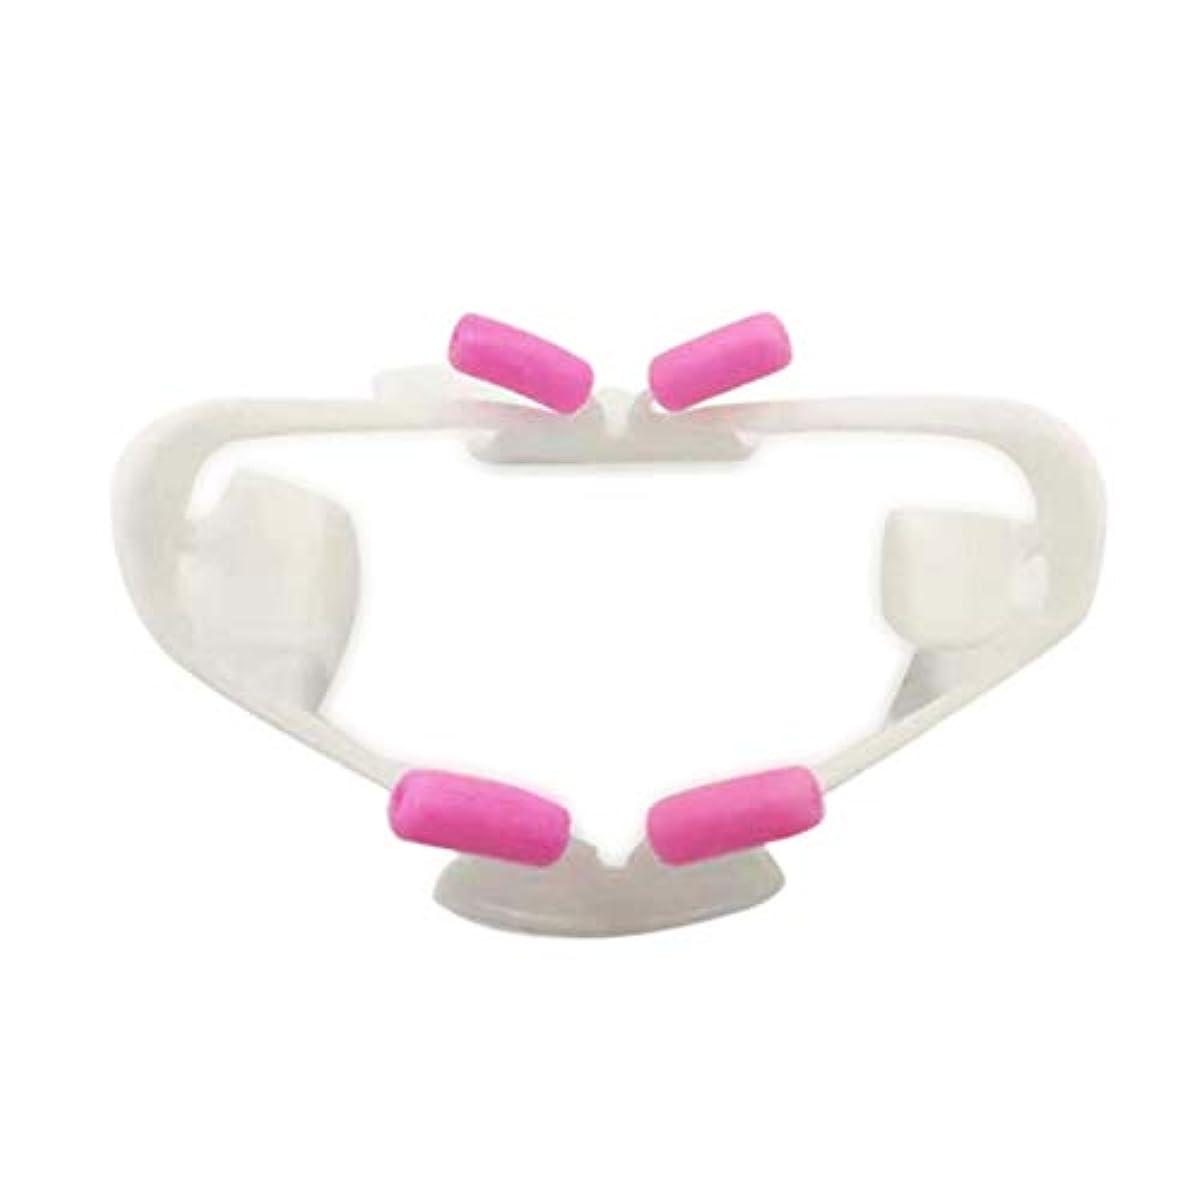 勧告何よりも悲劇的なHEALIFTY 3D歯科矯正歯科口腔内チークリップリトラクター口プロップオープナーS